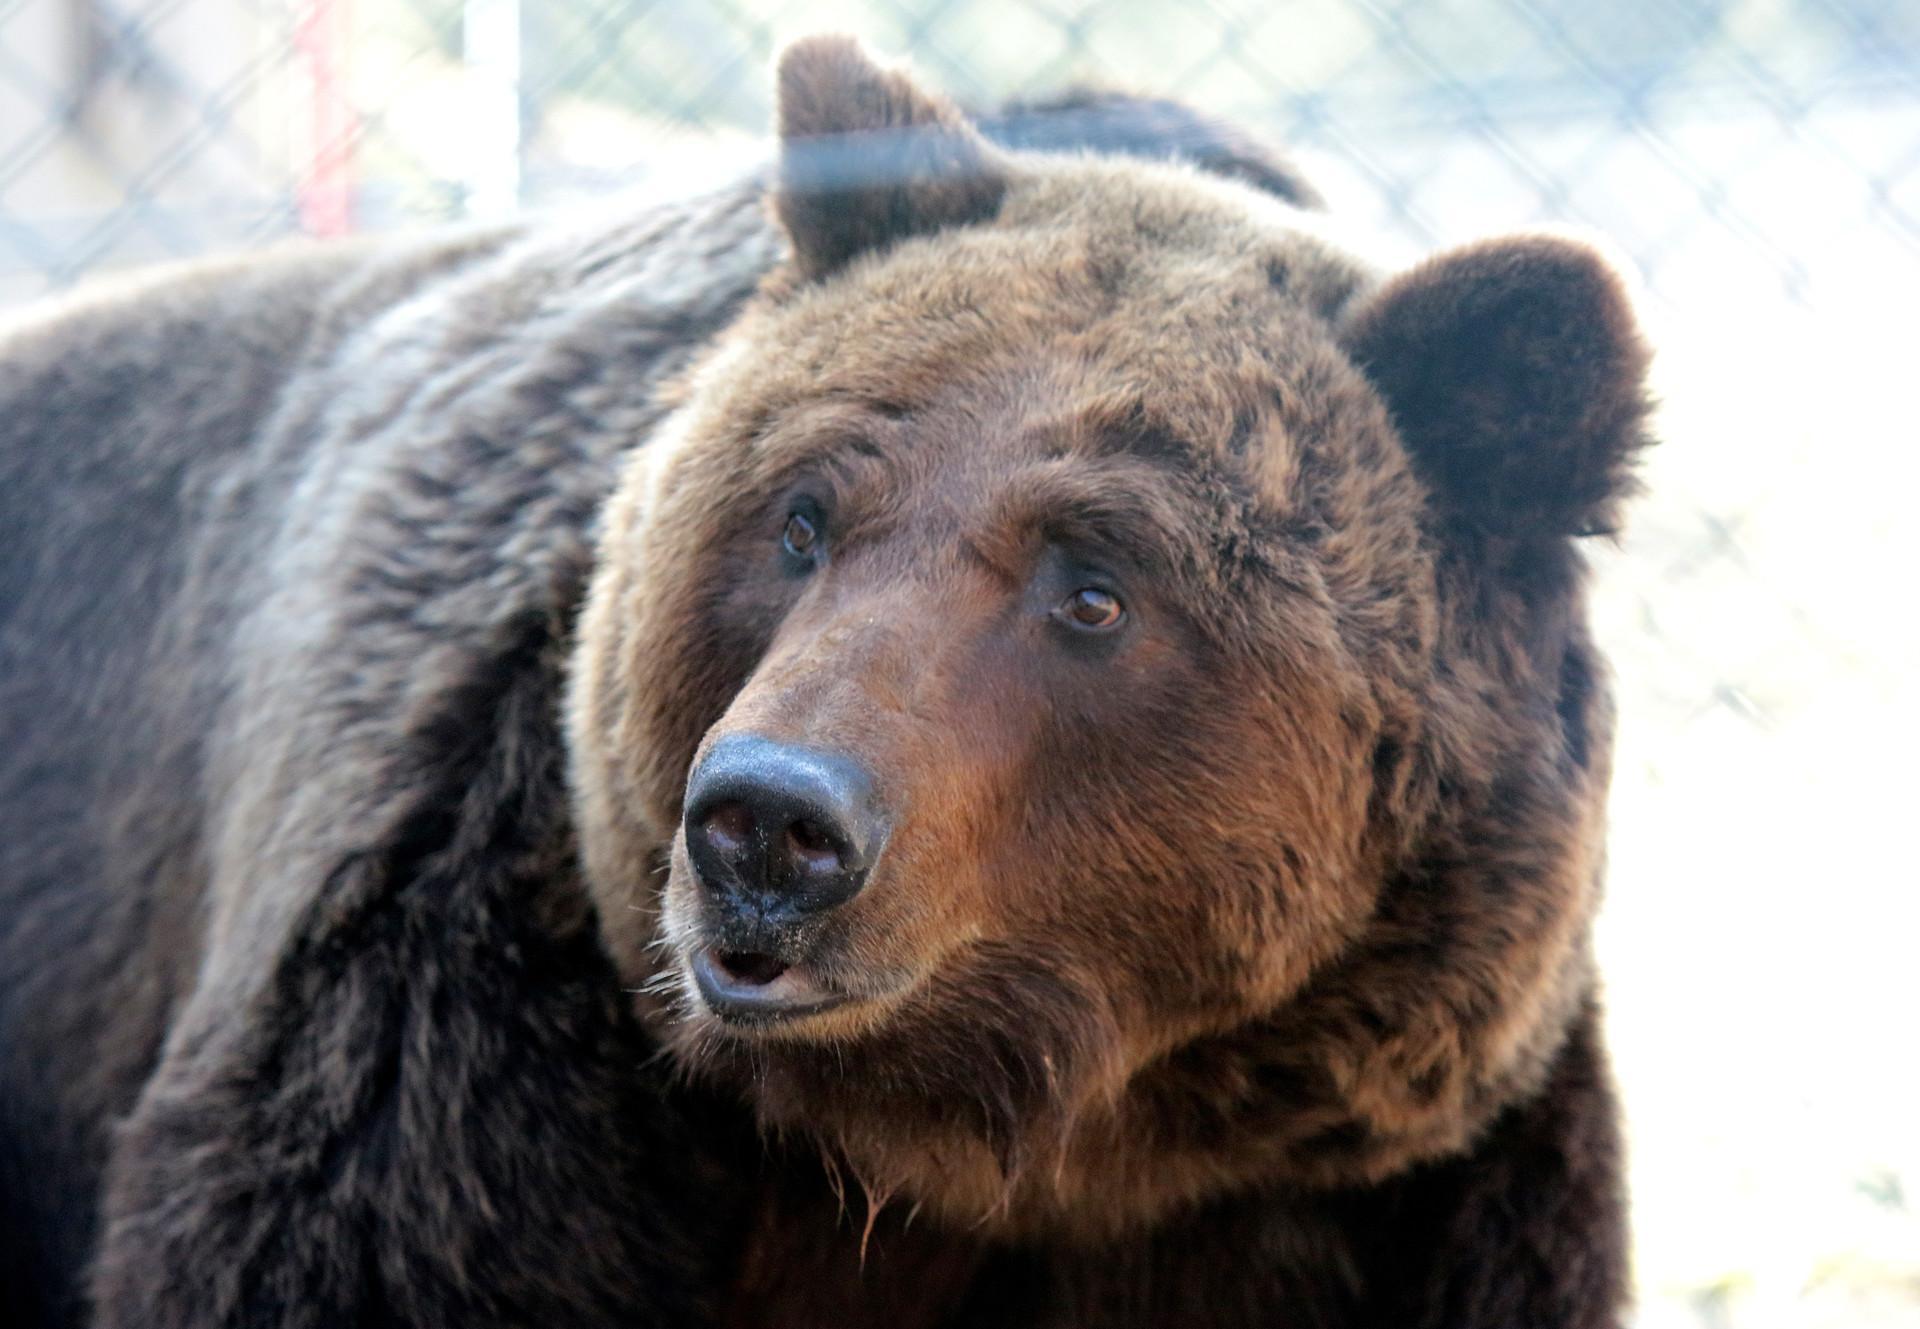 Bärin Laska im Bärenschutzzentrum Domazhyr in der Ukraine